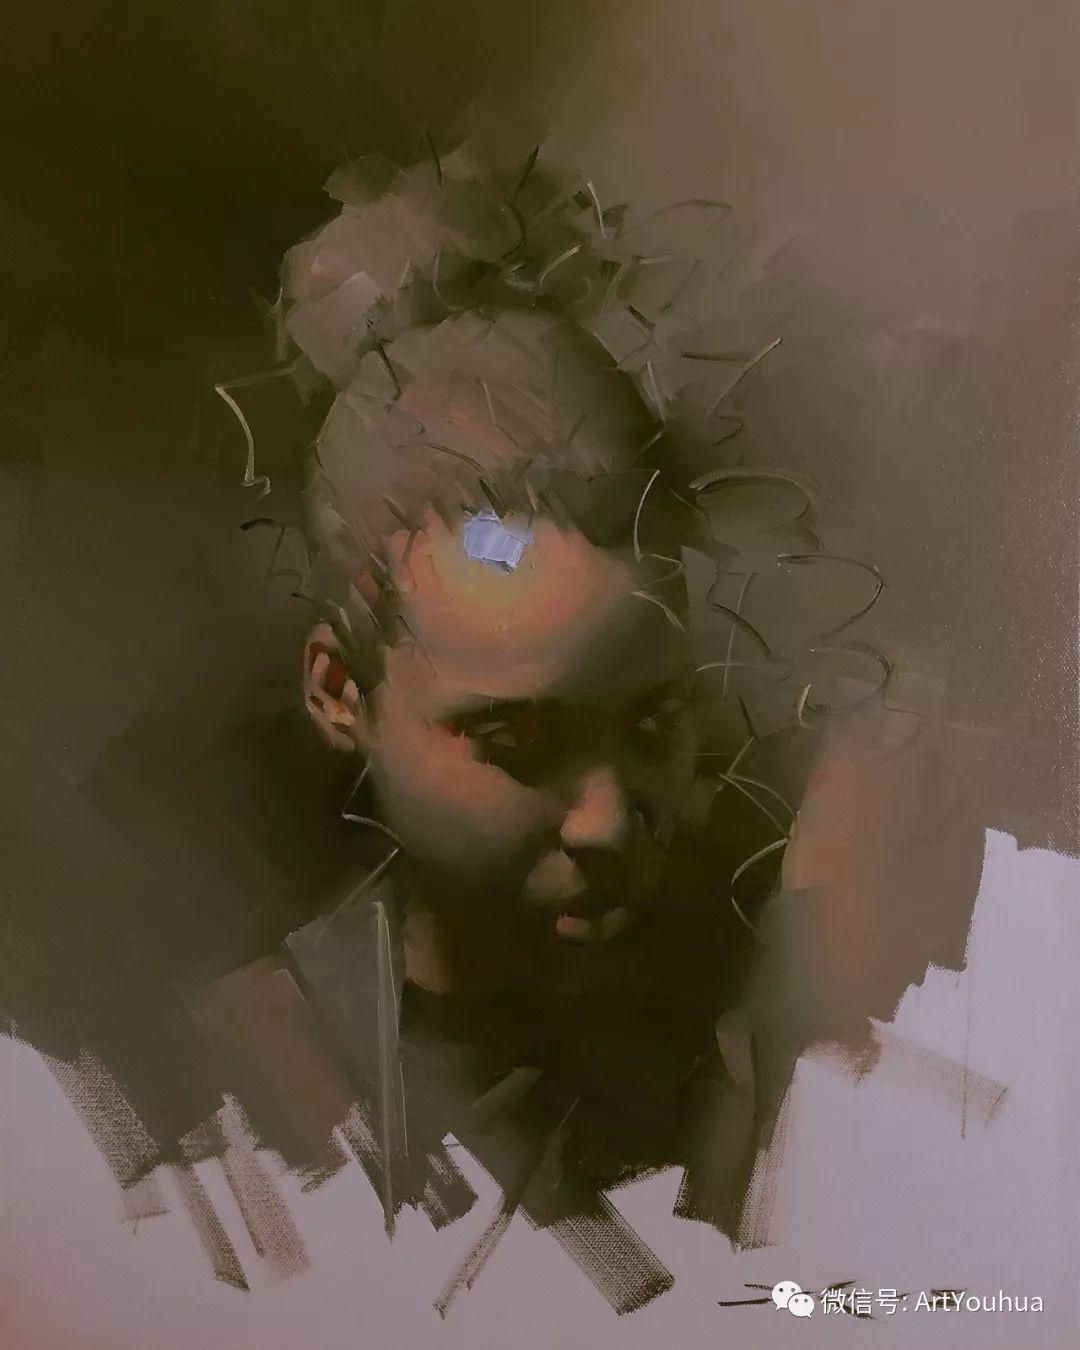 他的人物肖像绘画独具一格 还是位80后画家插图55